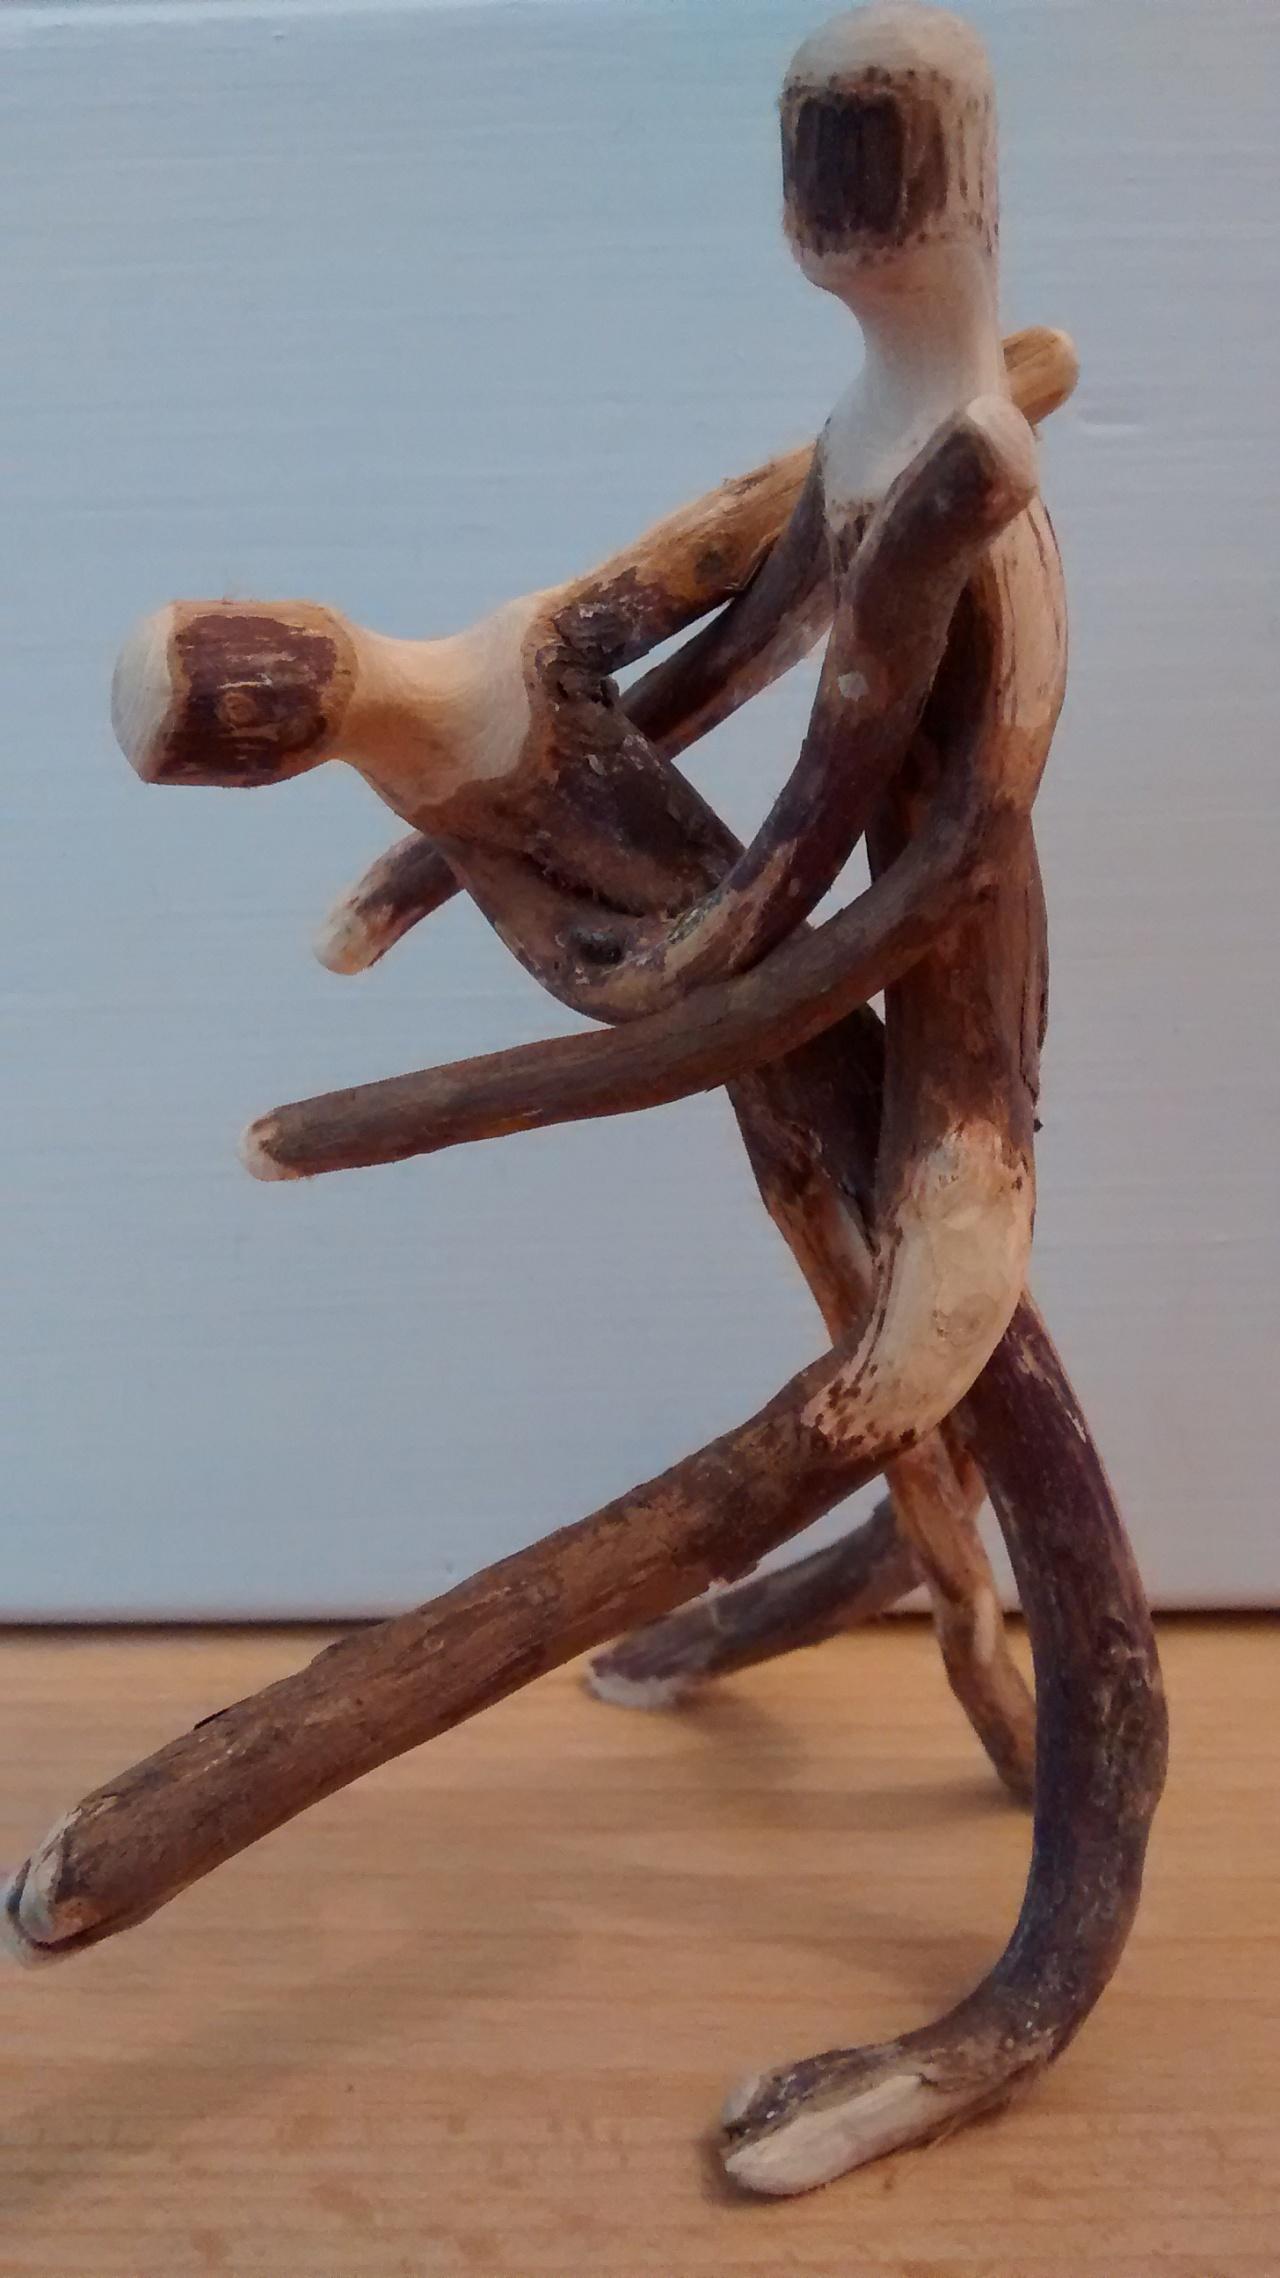 Dancing Wood Sculpture#81615